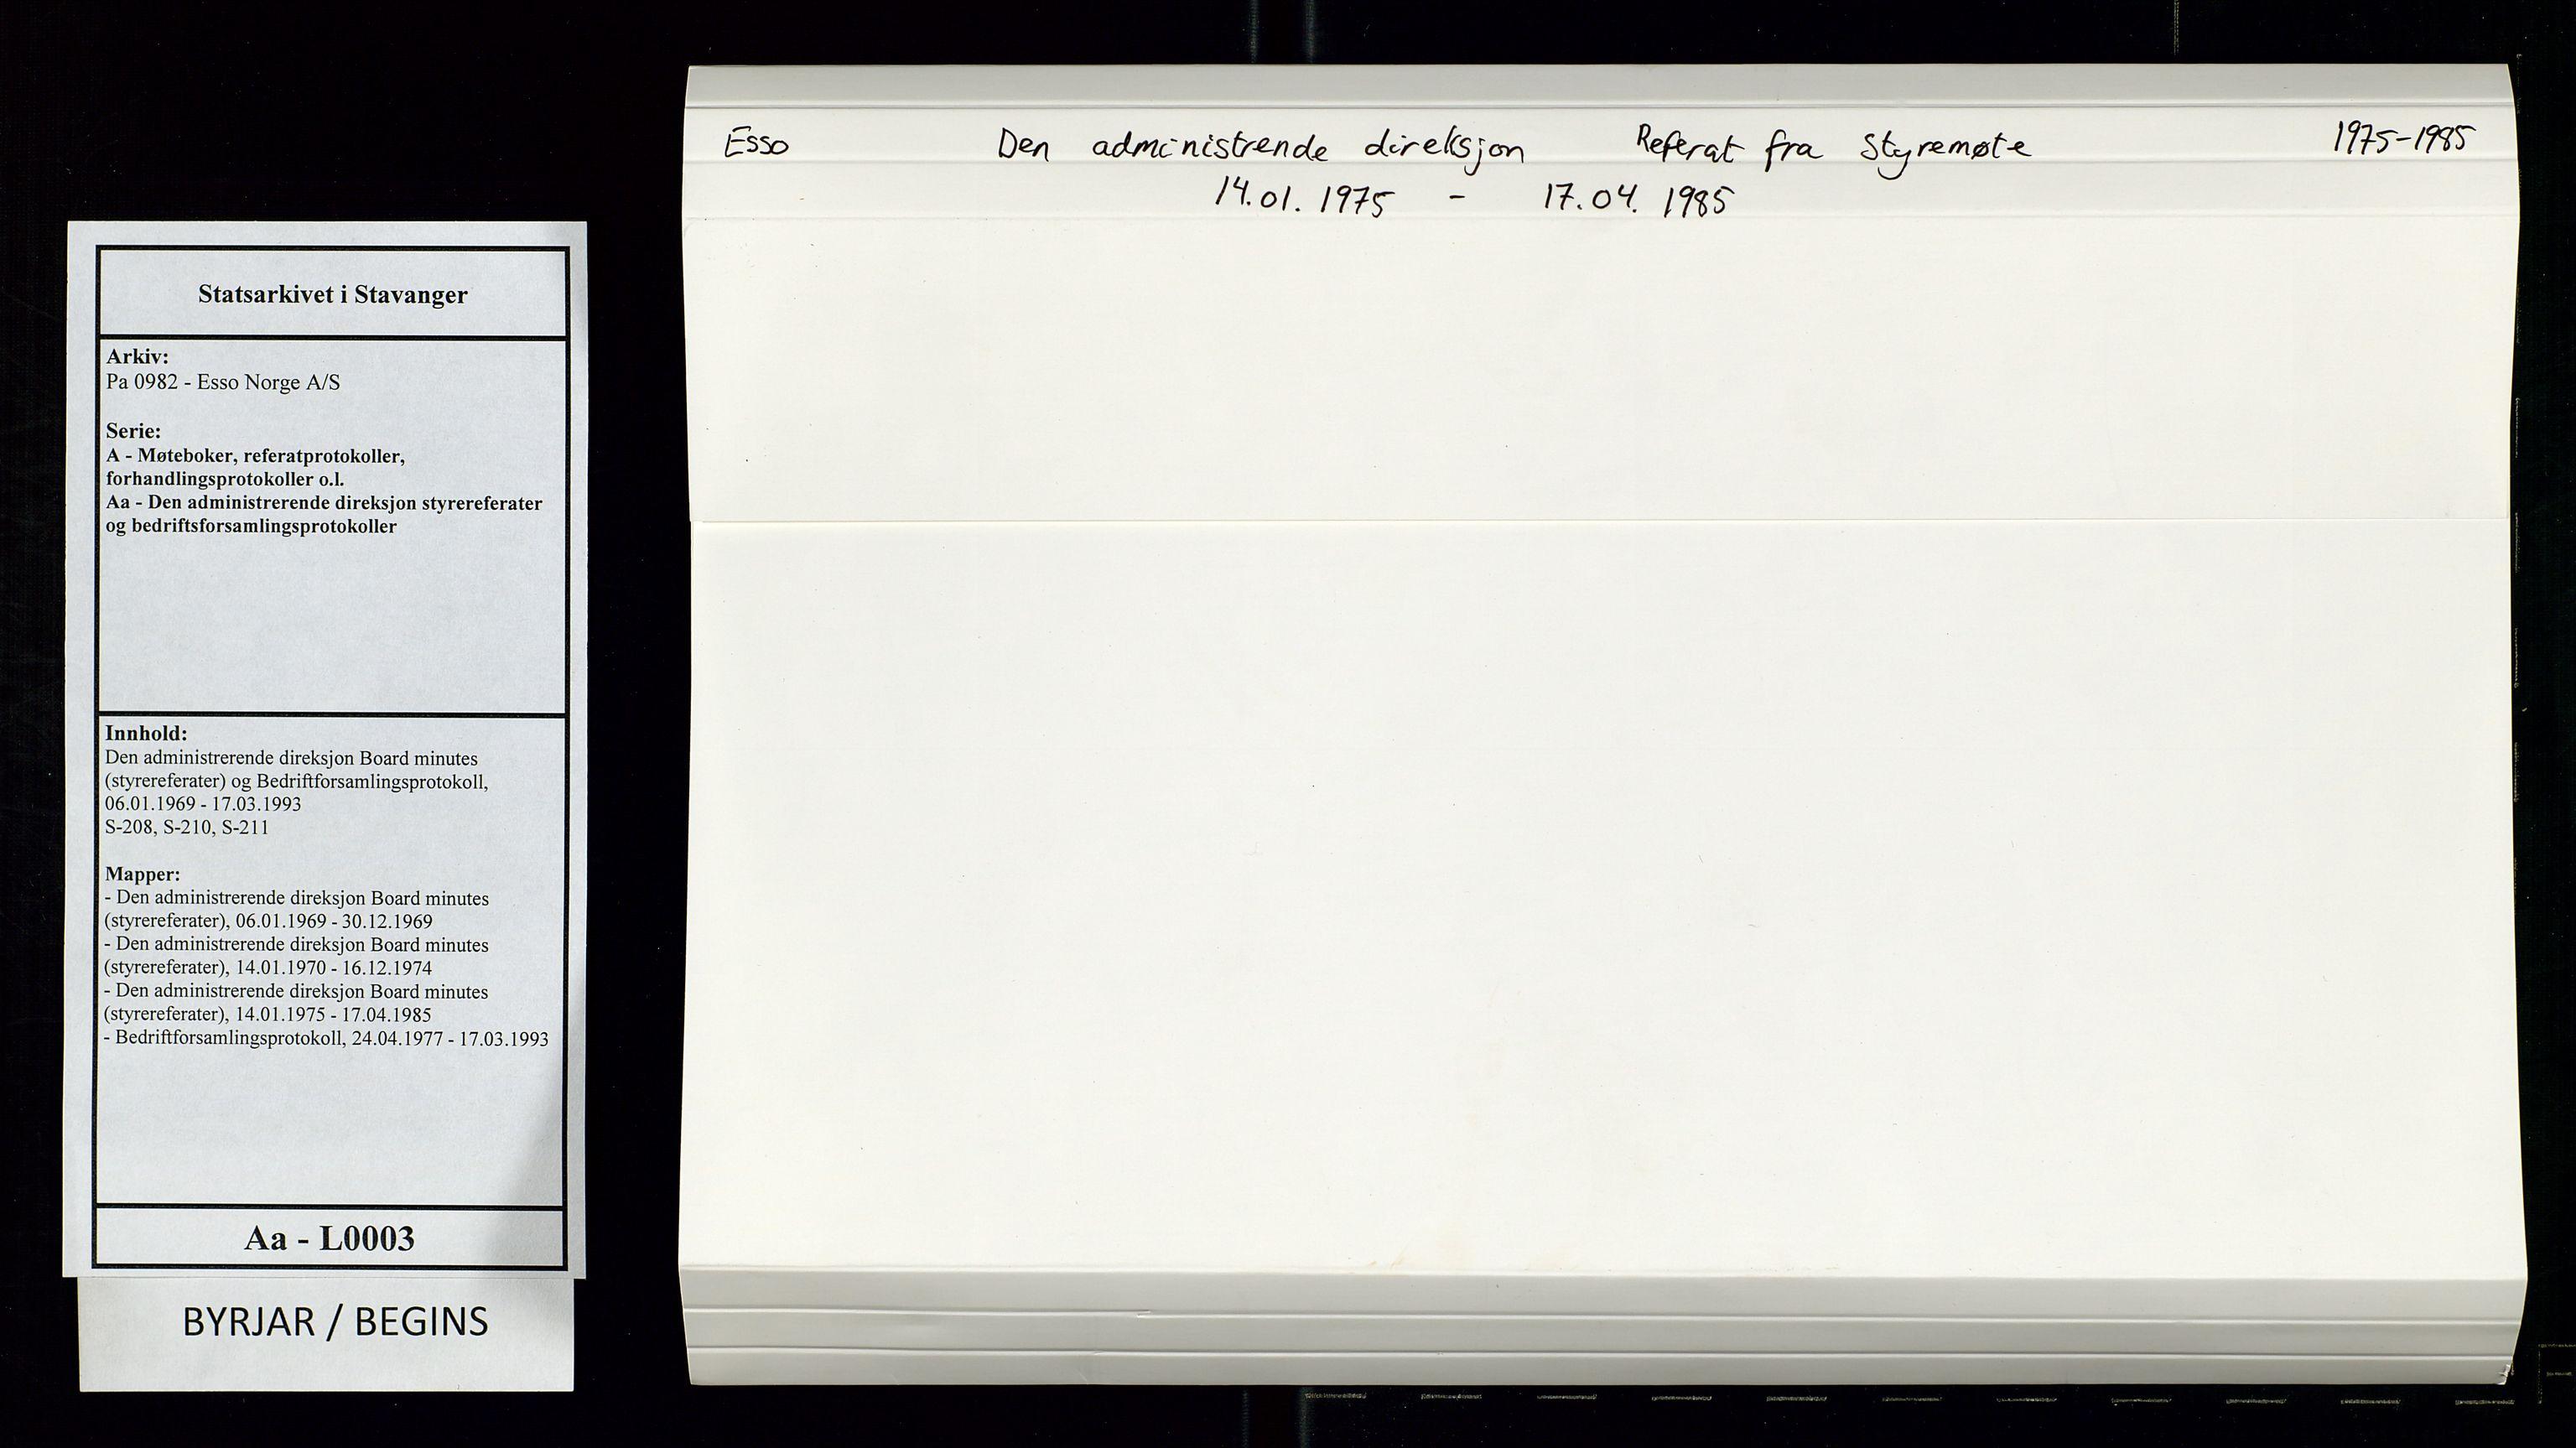 SAST, Pa 0982 - Esso Norge A/S, A/Aa/L0003: Den administrerende direksjon Board minutes (styrereferater) og Bedriftforsamlingsprotokoll, 1975-1985, s. upaginert